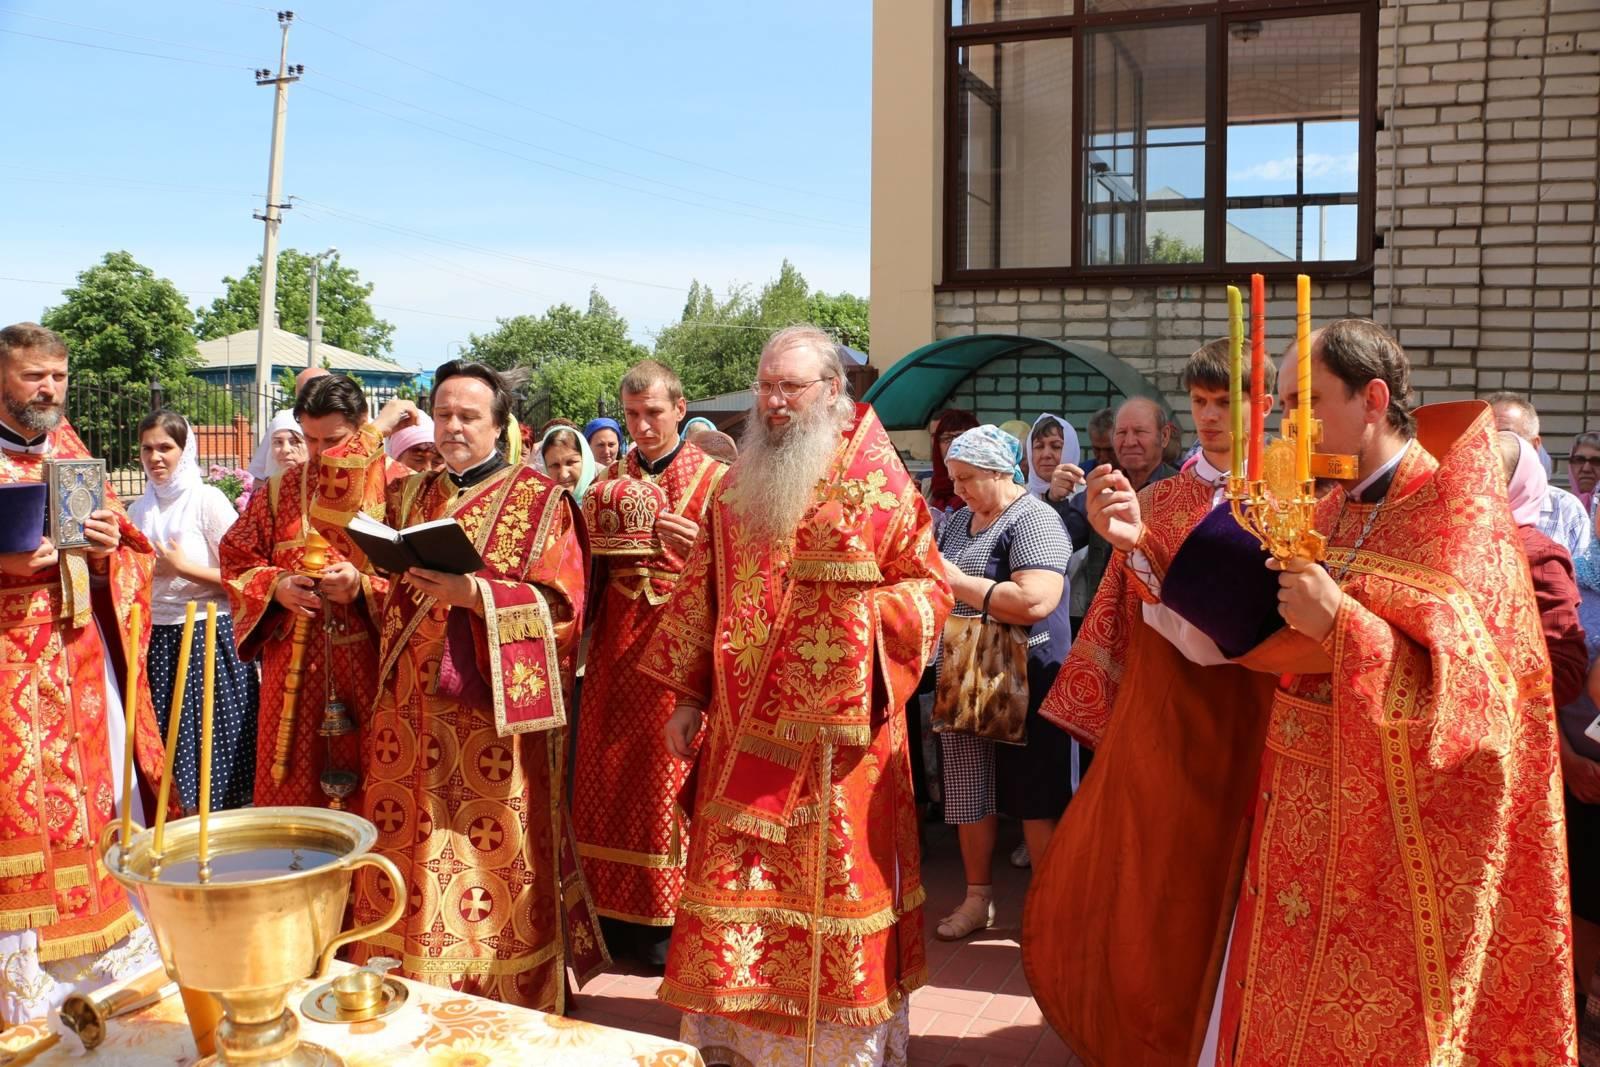 В День памяти Перенесения мощей святителя и чудотворца Николая из Мир Ликийских в Бар.